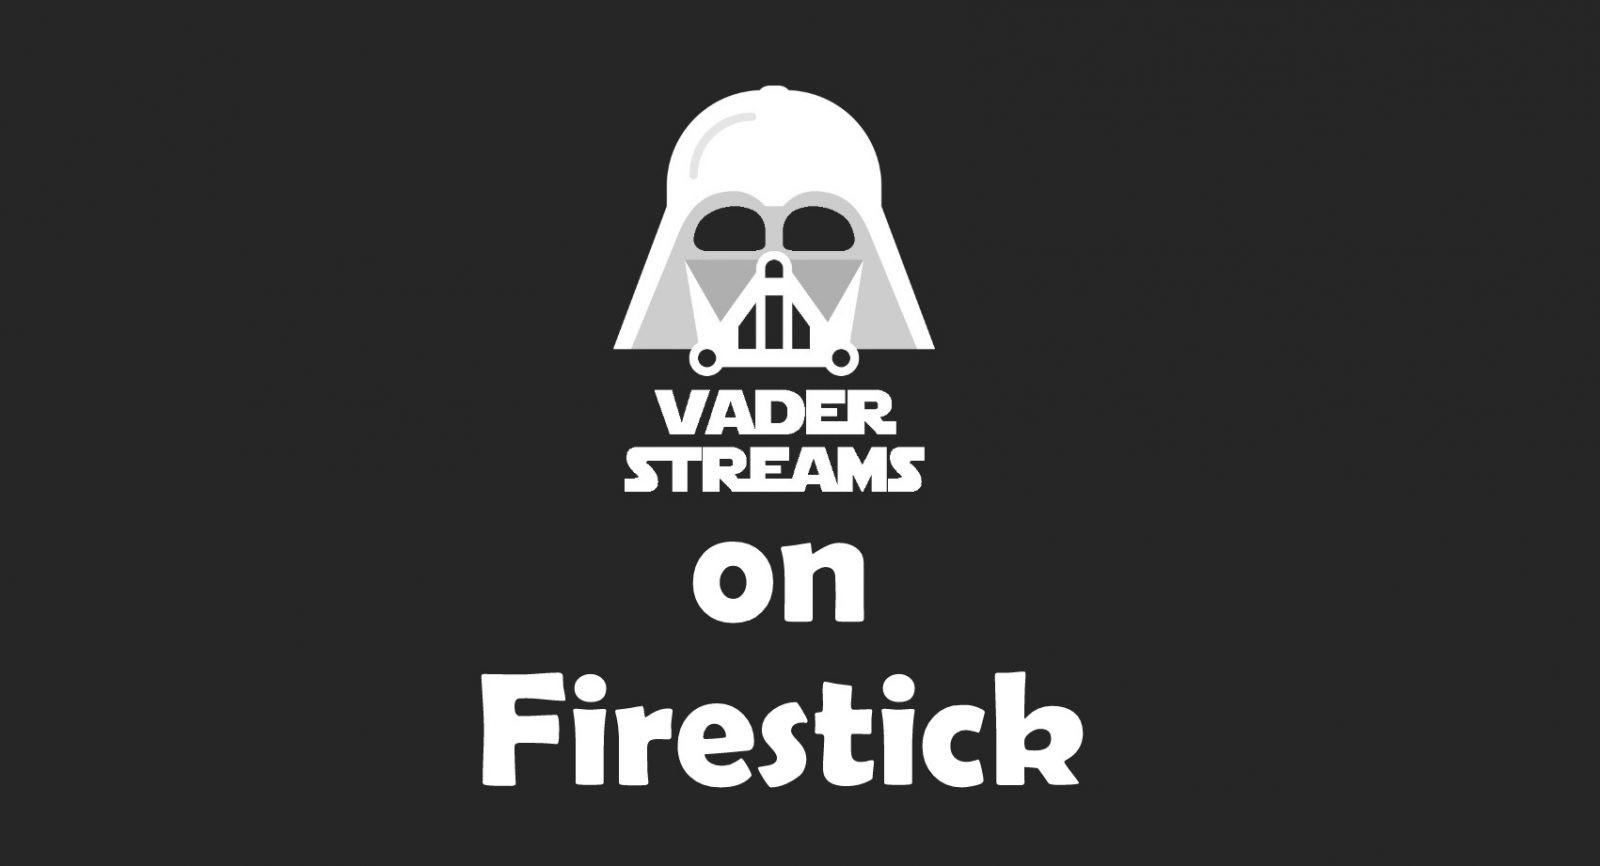 Vader Streams on Firestick